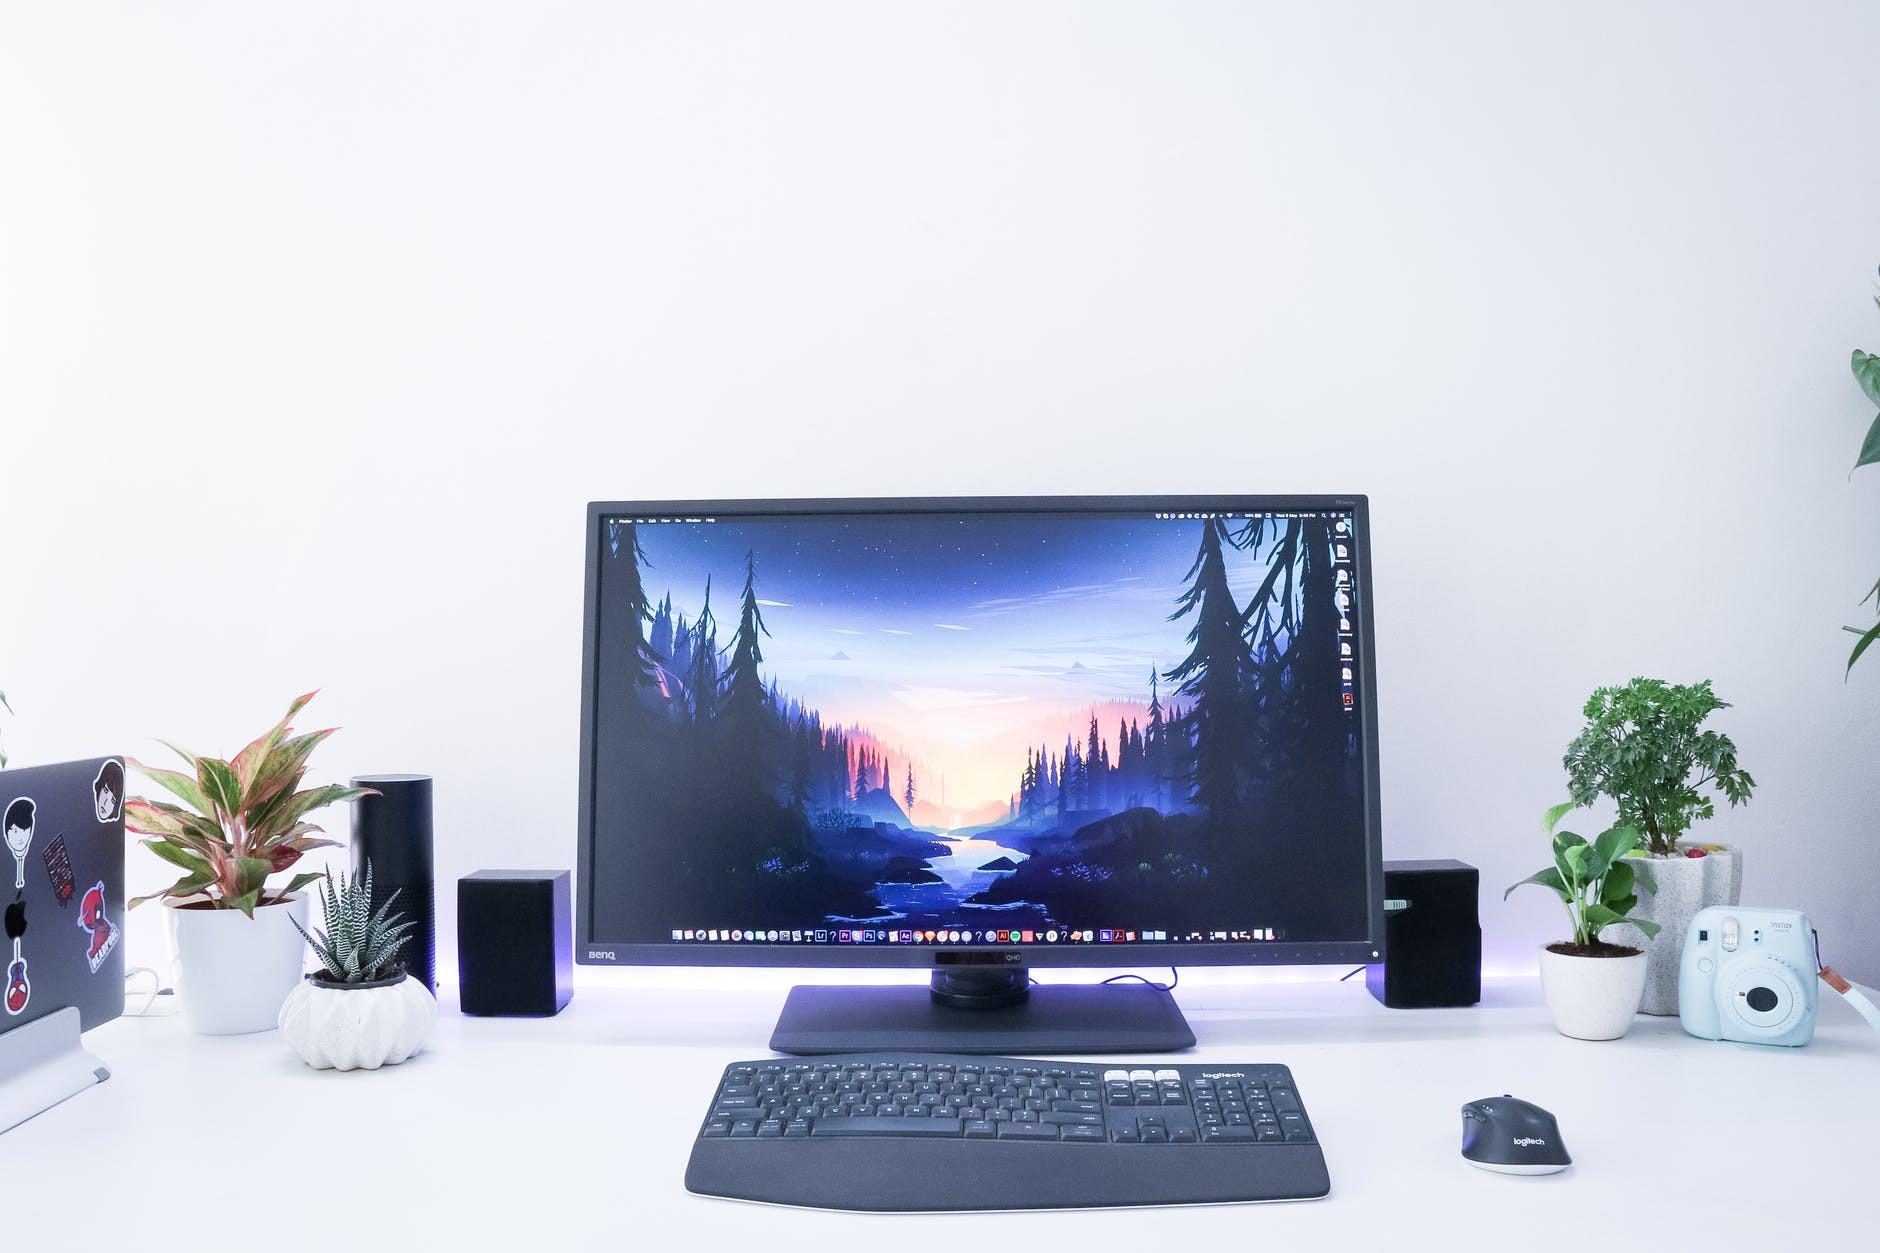 monitor z klawiaturą i myszką na białym biurku